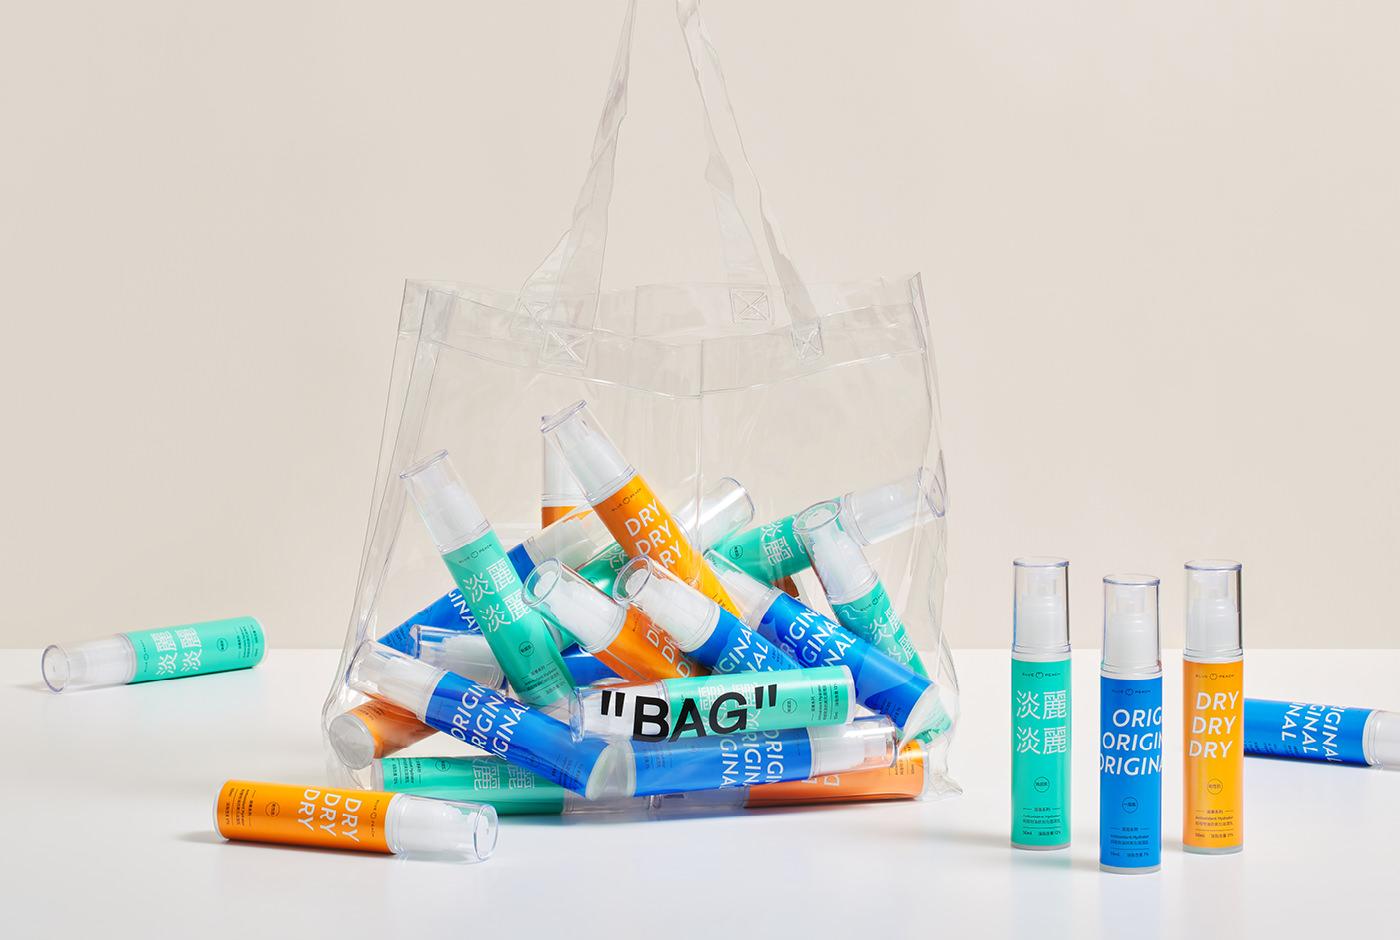 cosmetic packaging